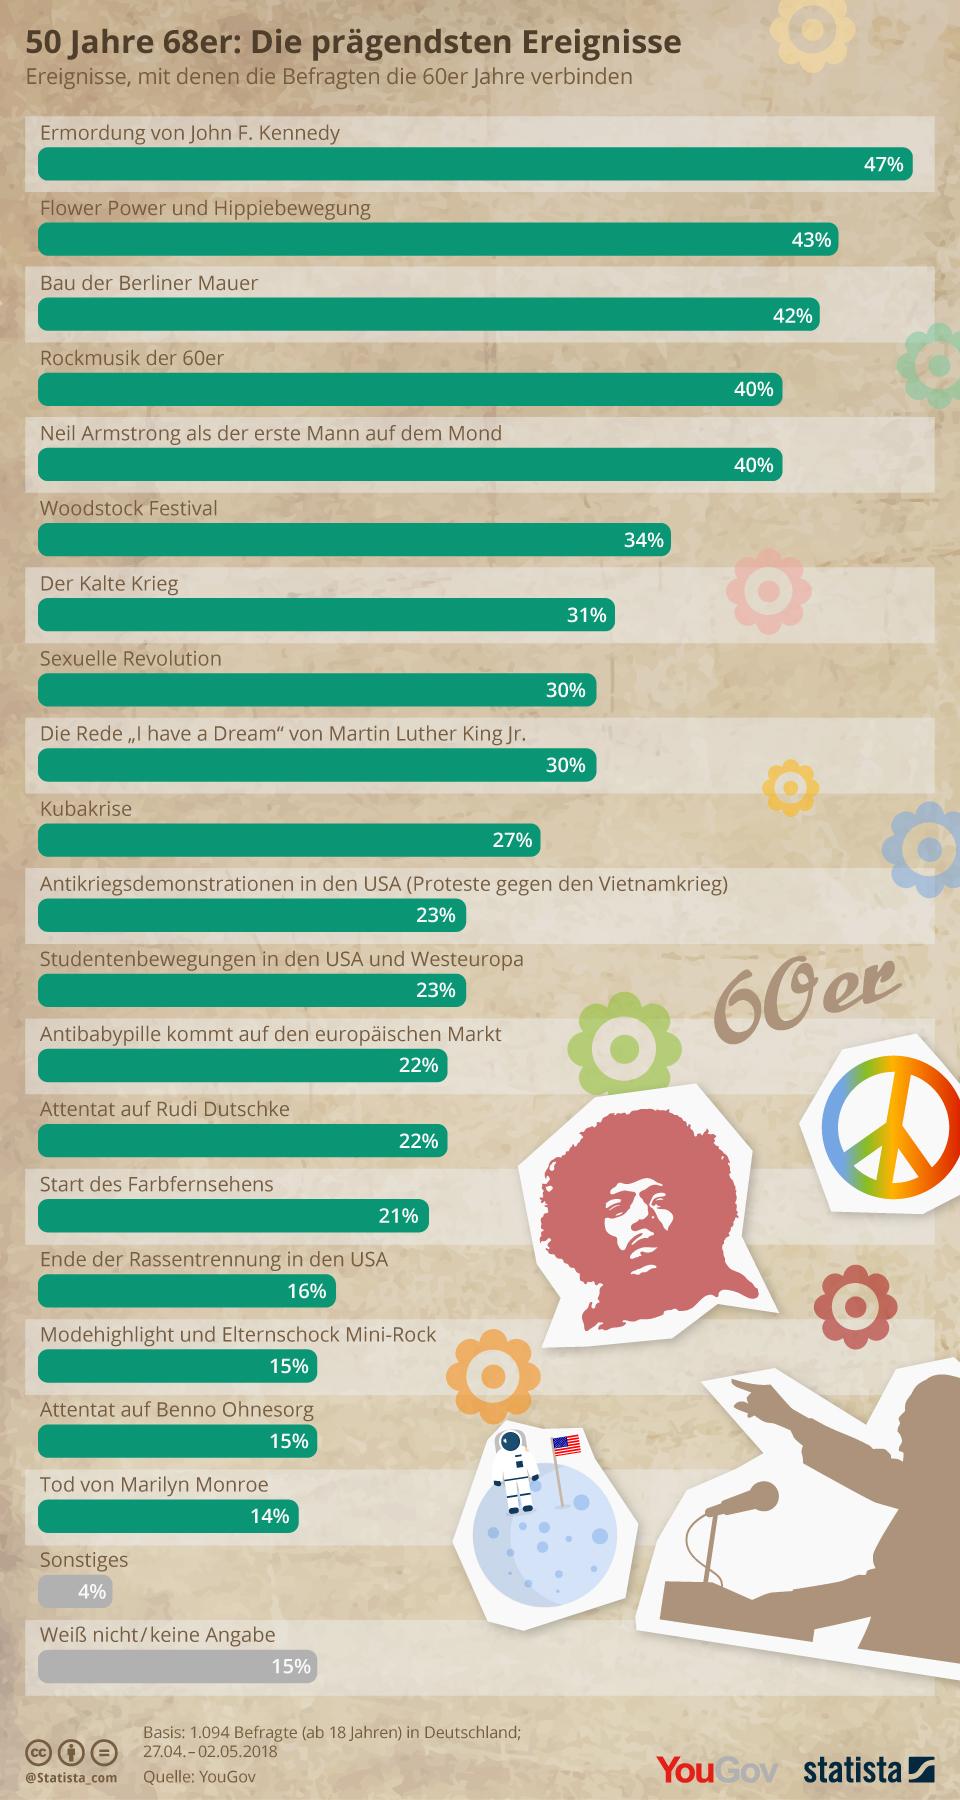 50 Jahre 68er: Die prägendsten Ereignisse